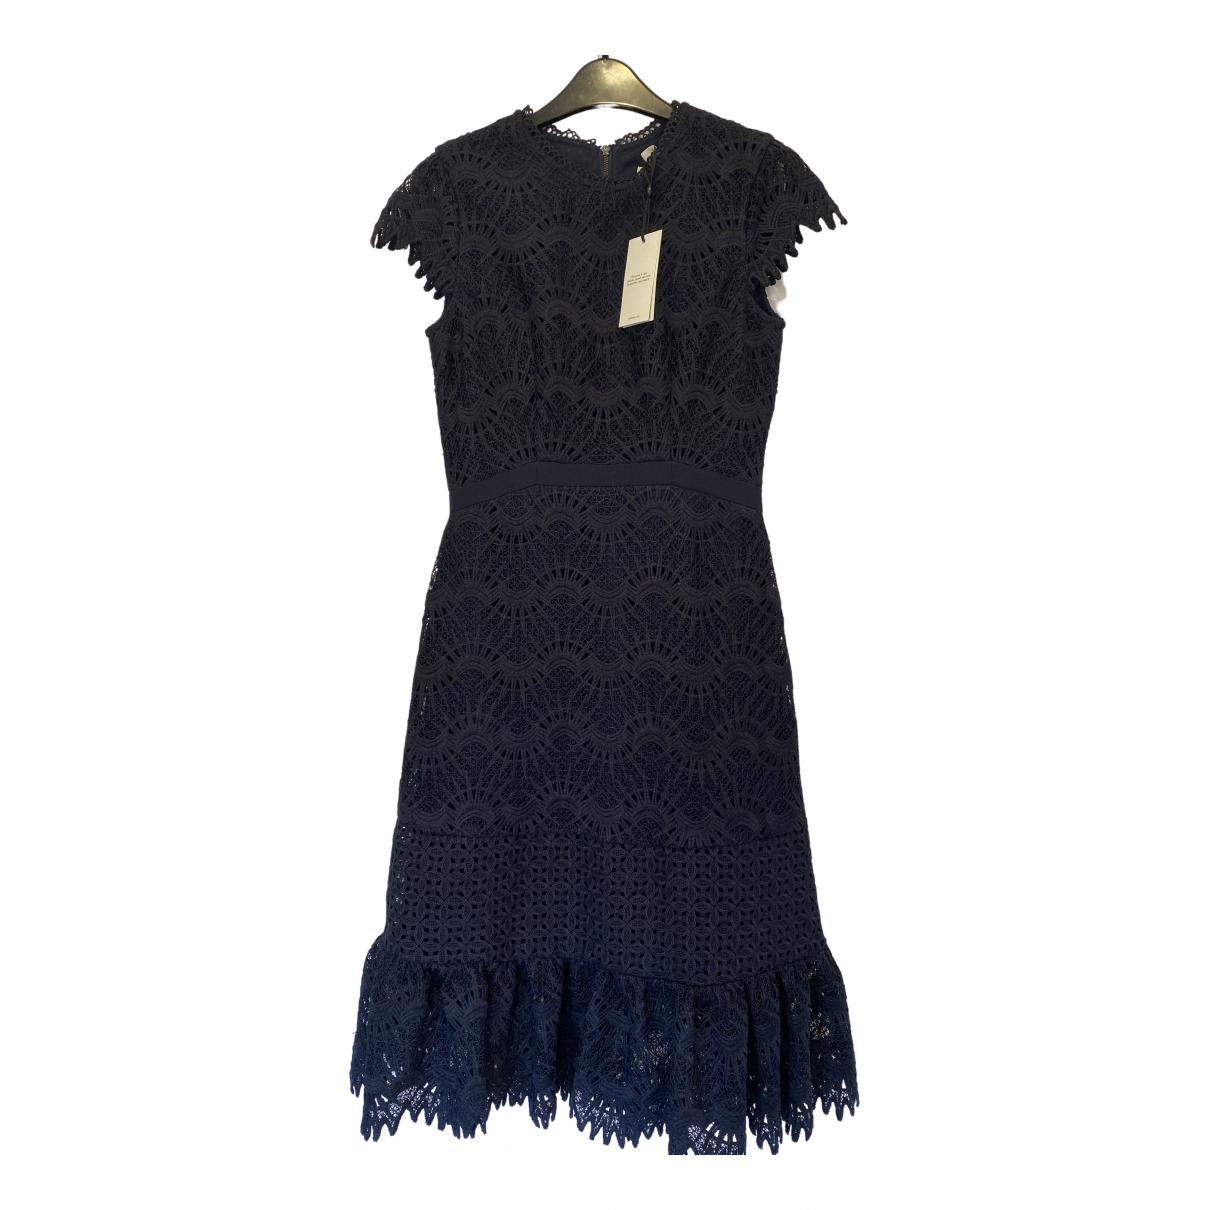 Whistles \N Navy dress for Women 8 UK